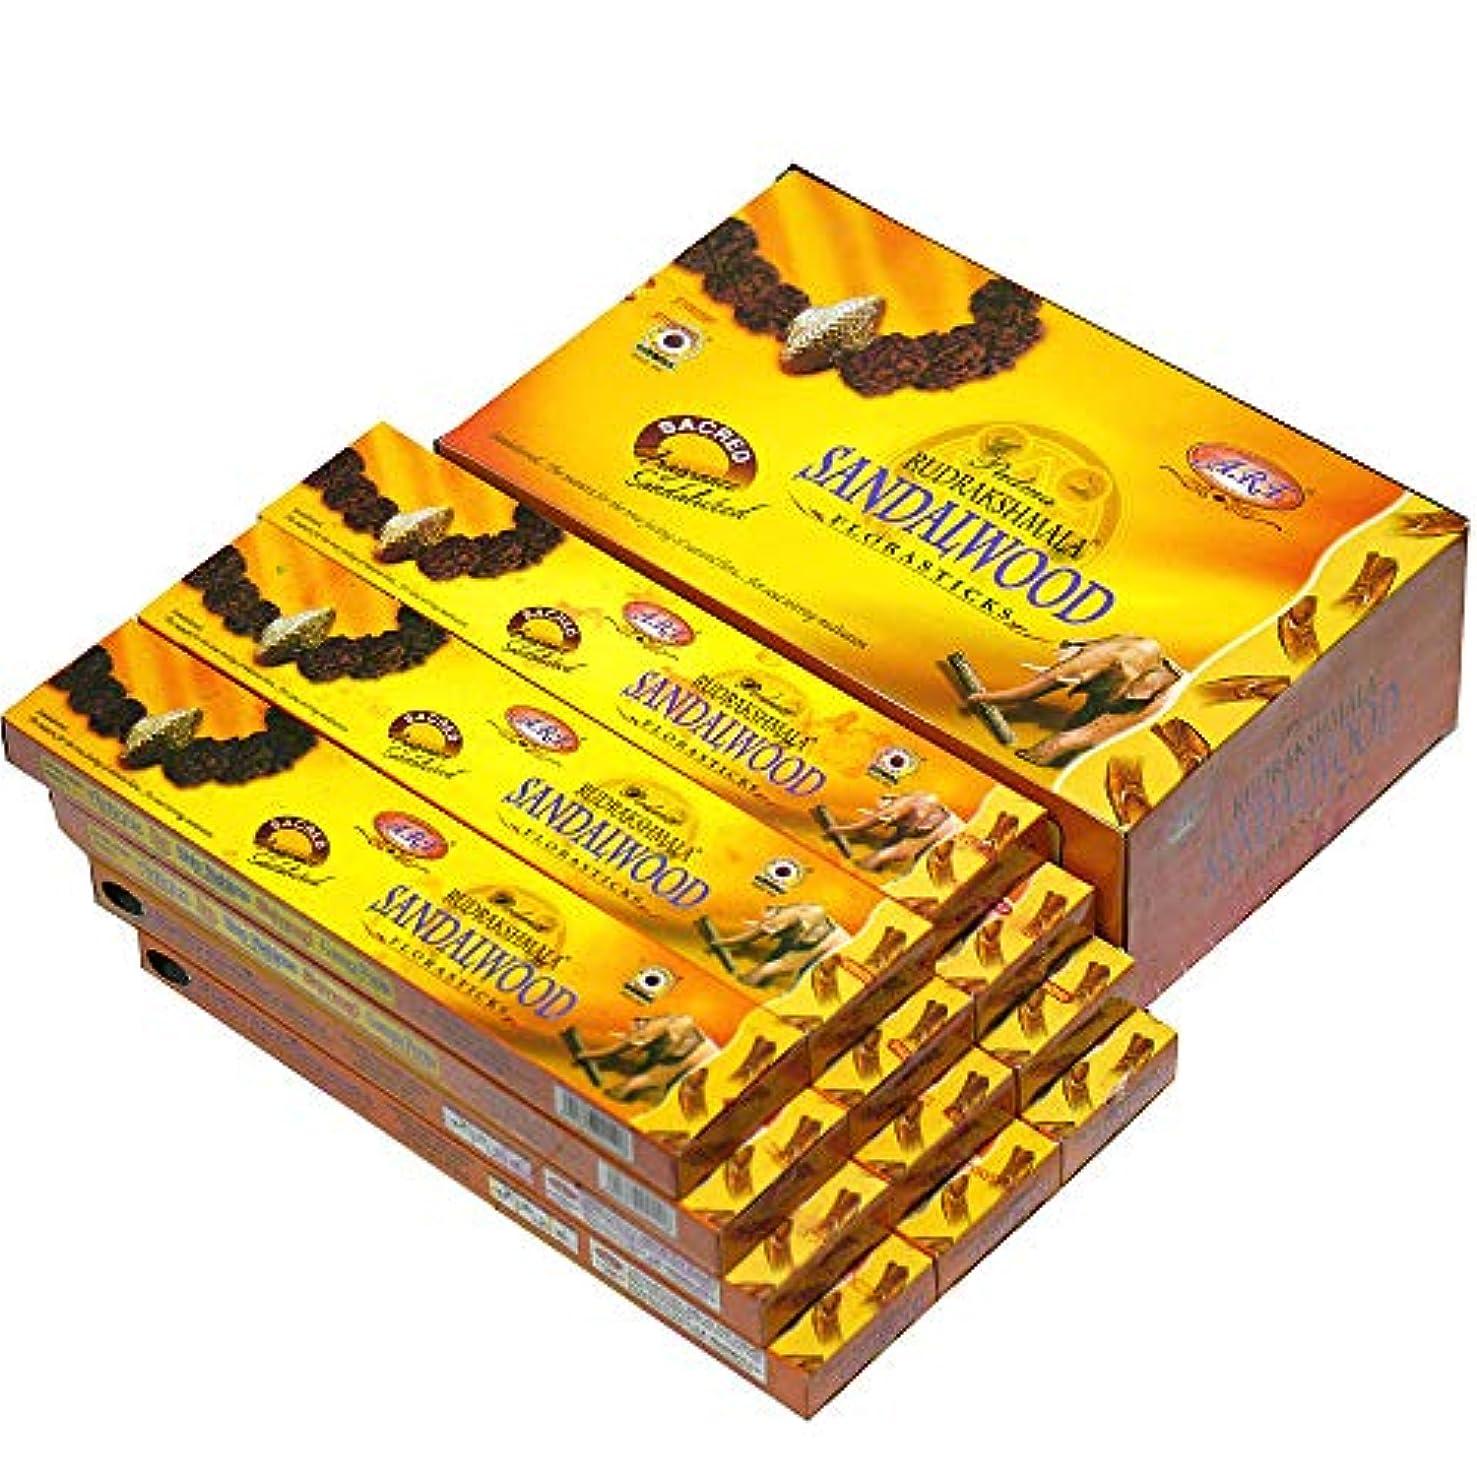 思いつく呼吸書店PADMA(パドマー) RUDRAKSH ルドラクシャ香 スティック 12箱セット